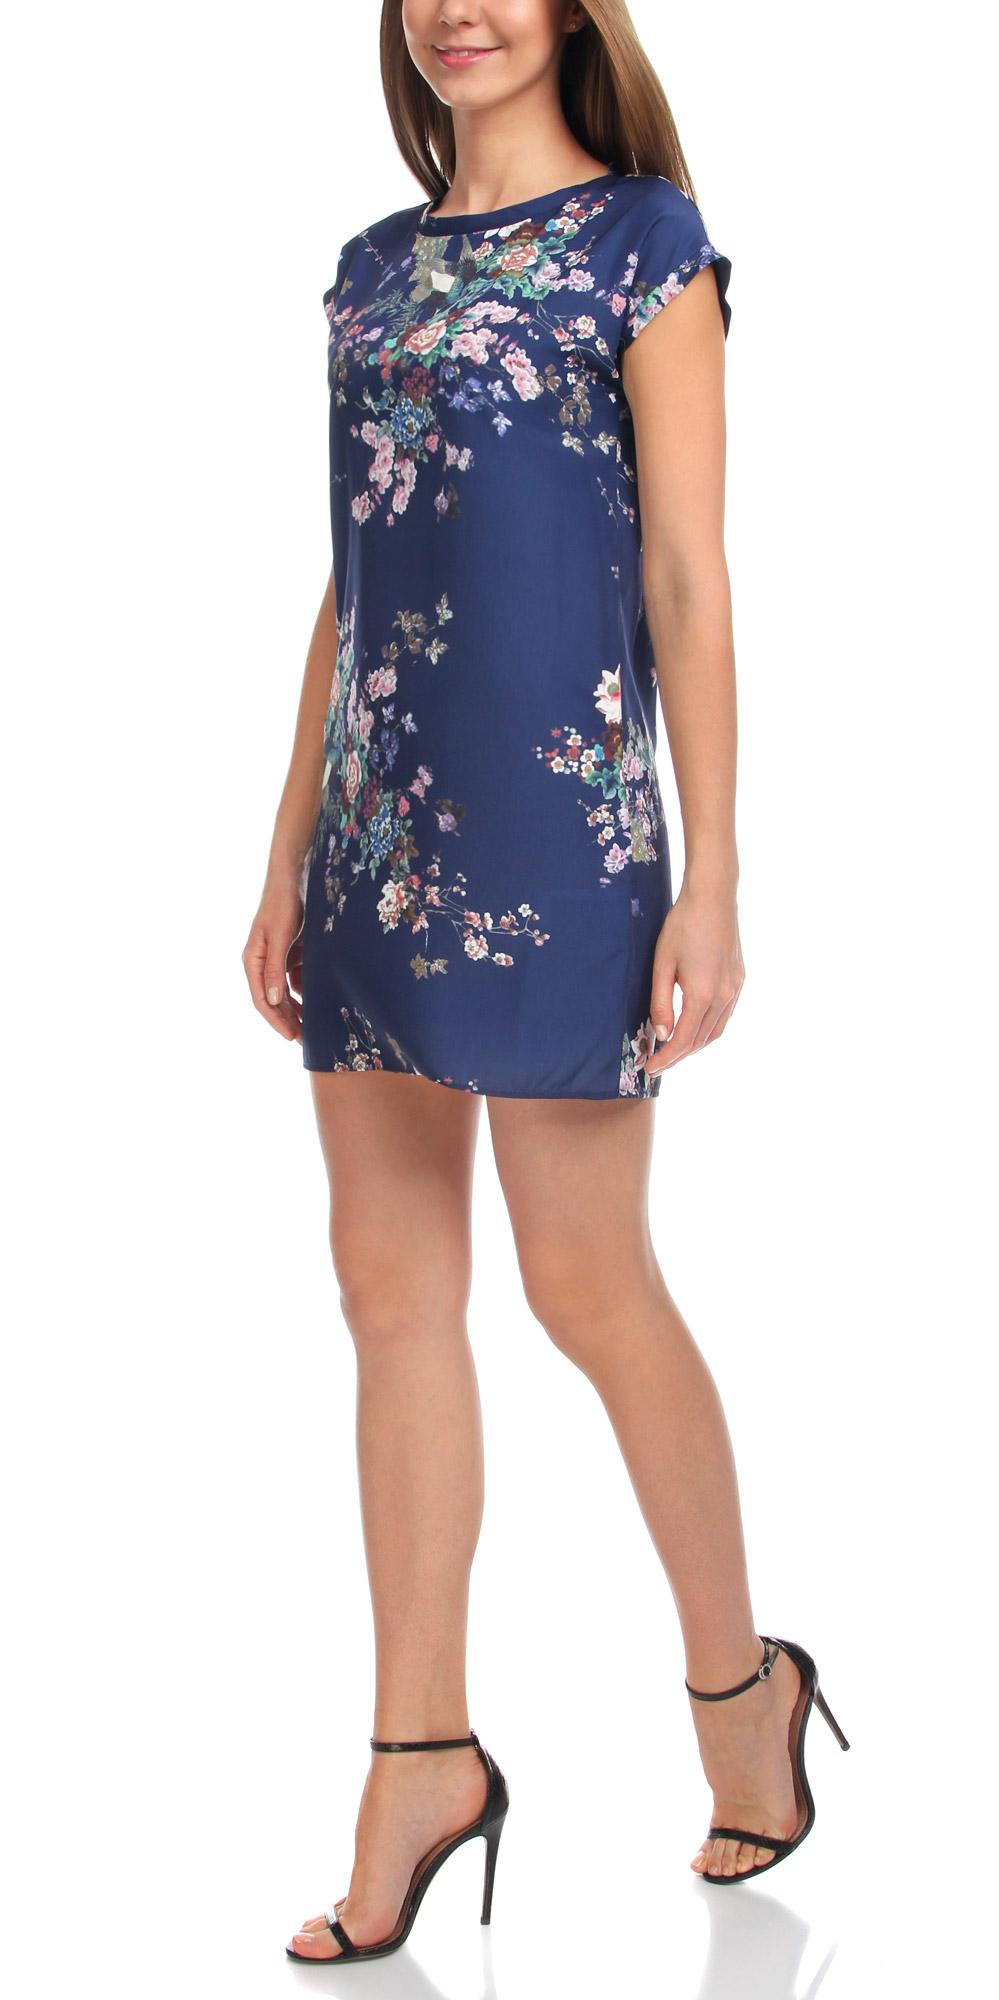 Платье21911019/35173/7919FМодное платье oodji Collection станет отличным дополнением к вашему гардеробу. Модель выполнена из качественного полиэстера. Платье-мини с круглым вырезом горловины и короткими цельнокроеными рукавами не имеет застежки. Оформлена модель принтом в восточном стиле.